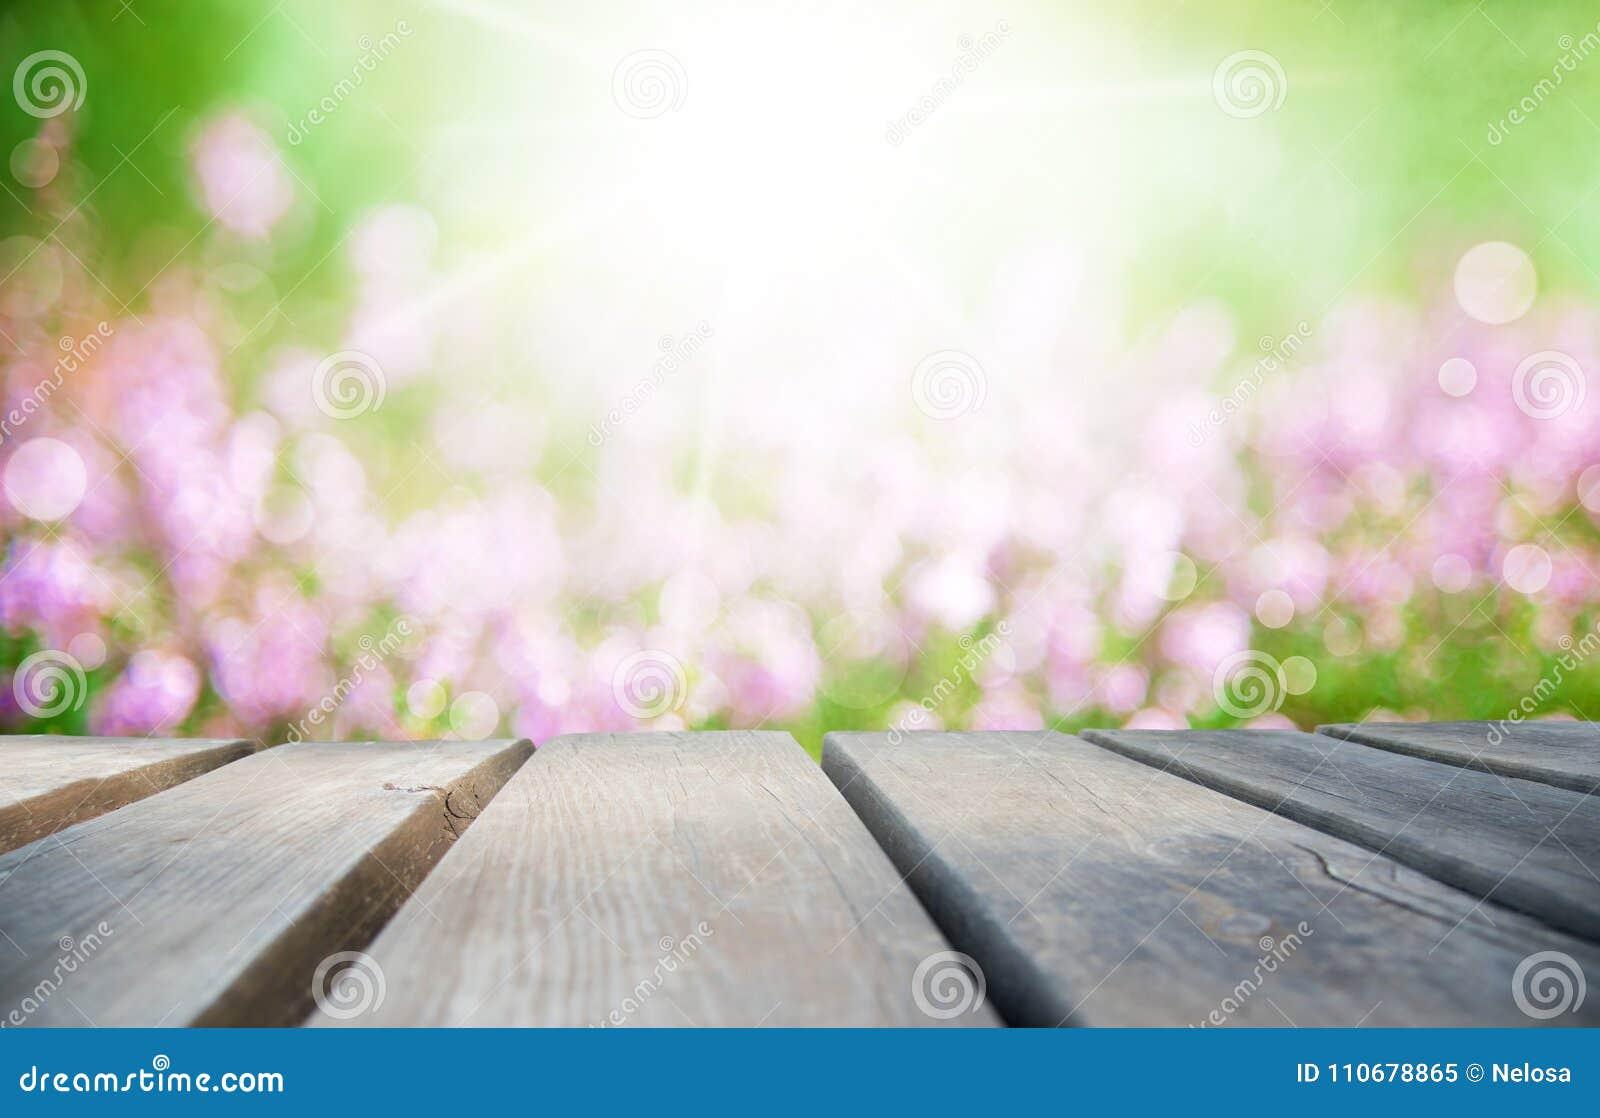 Ξύλινος πίνακας με τον ηλιόλουστο τομέα λουλουδιών της Erica ως υπόβαθρο